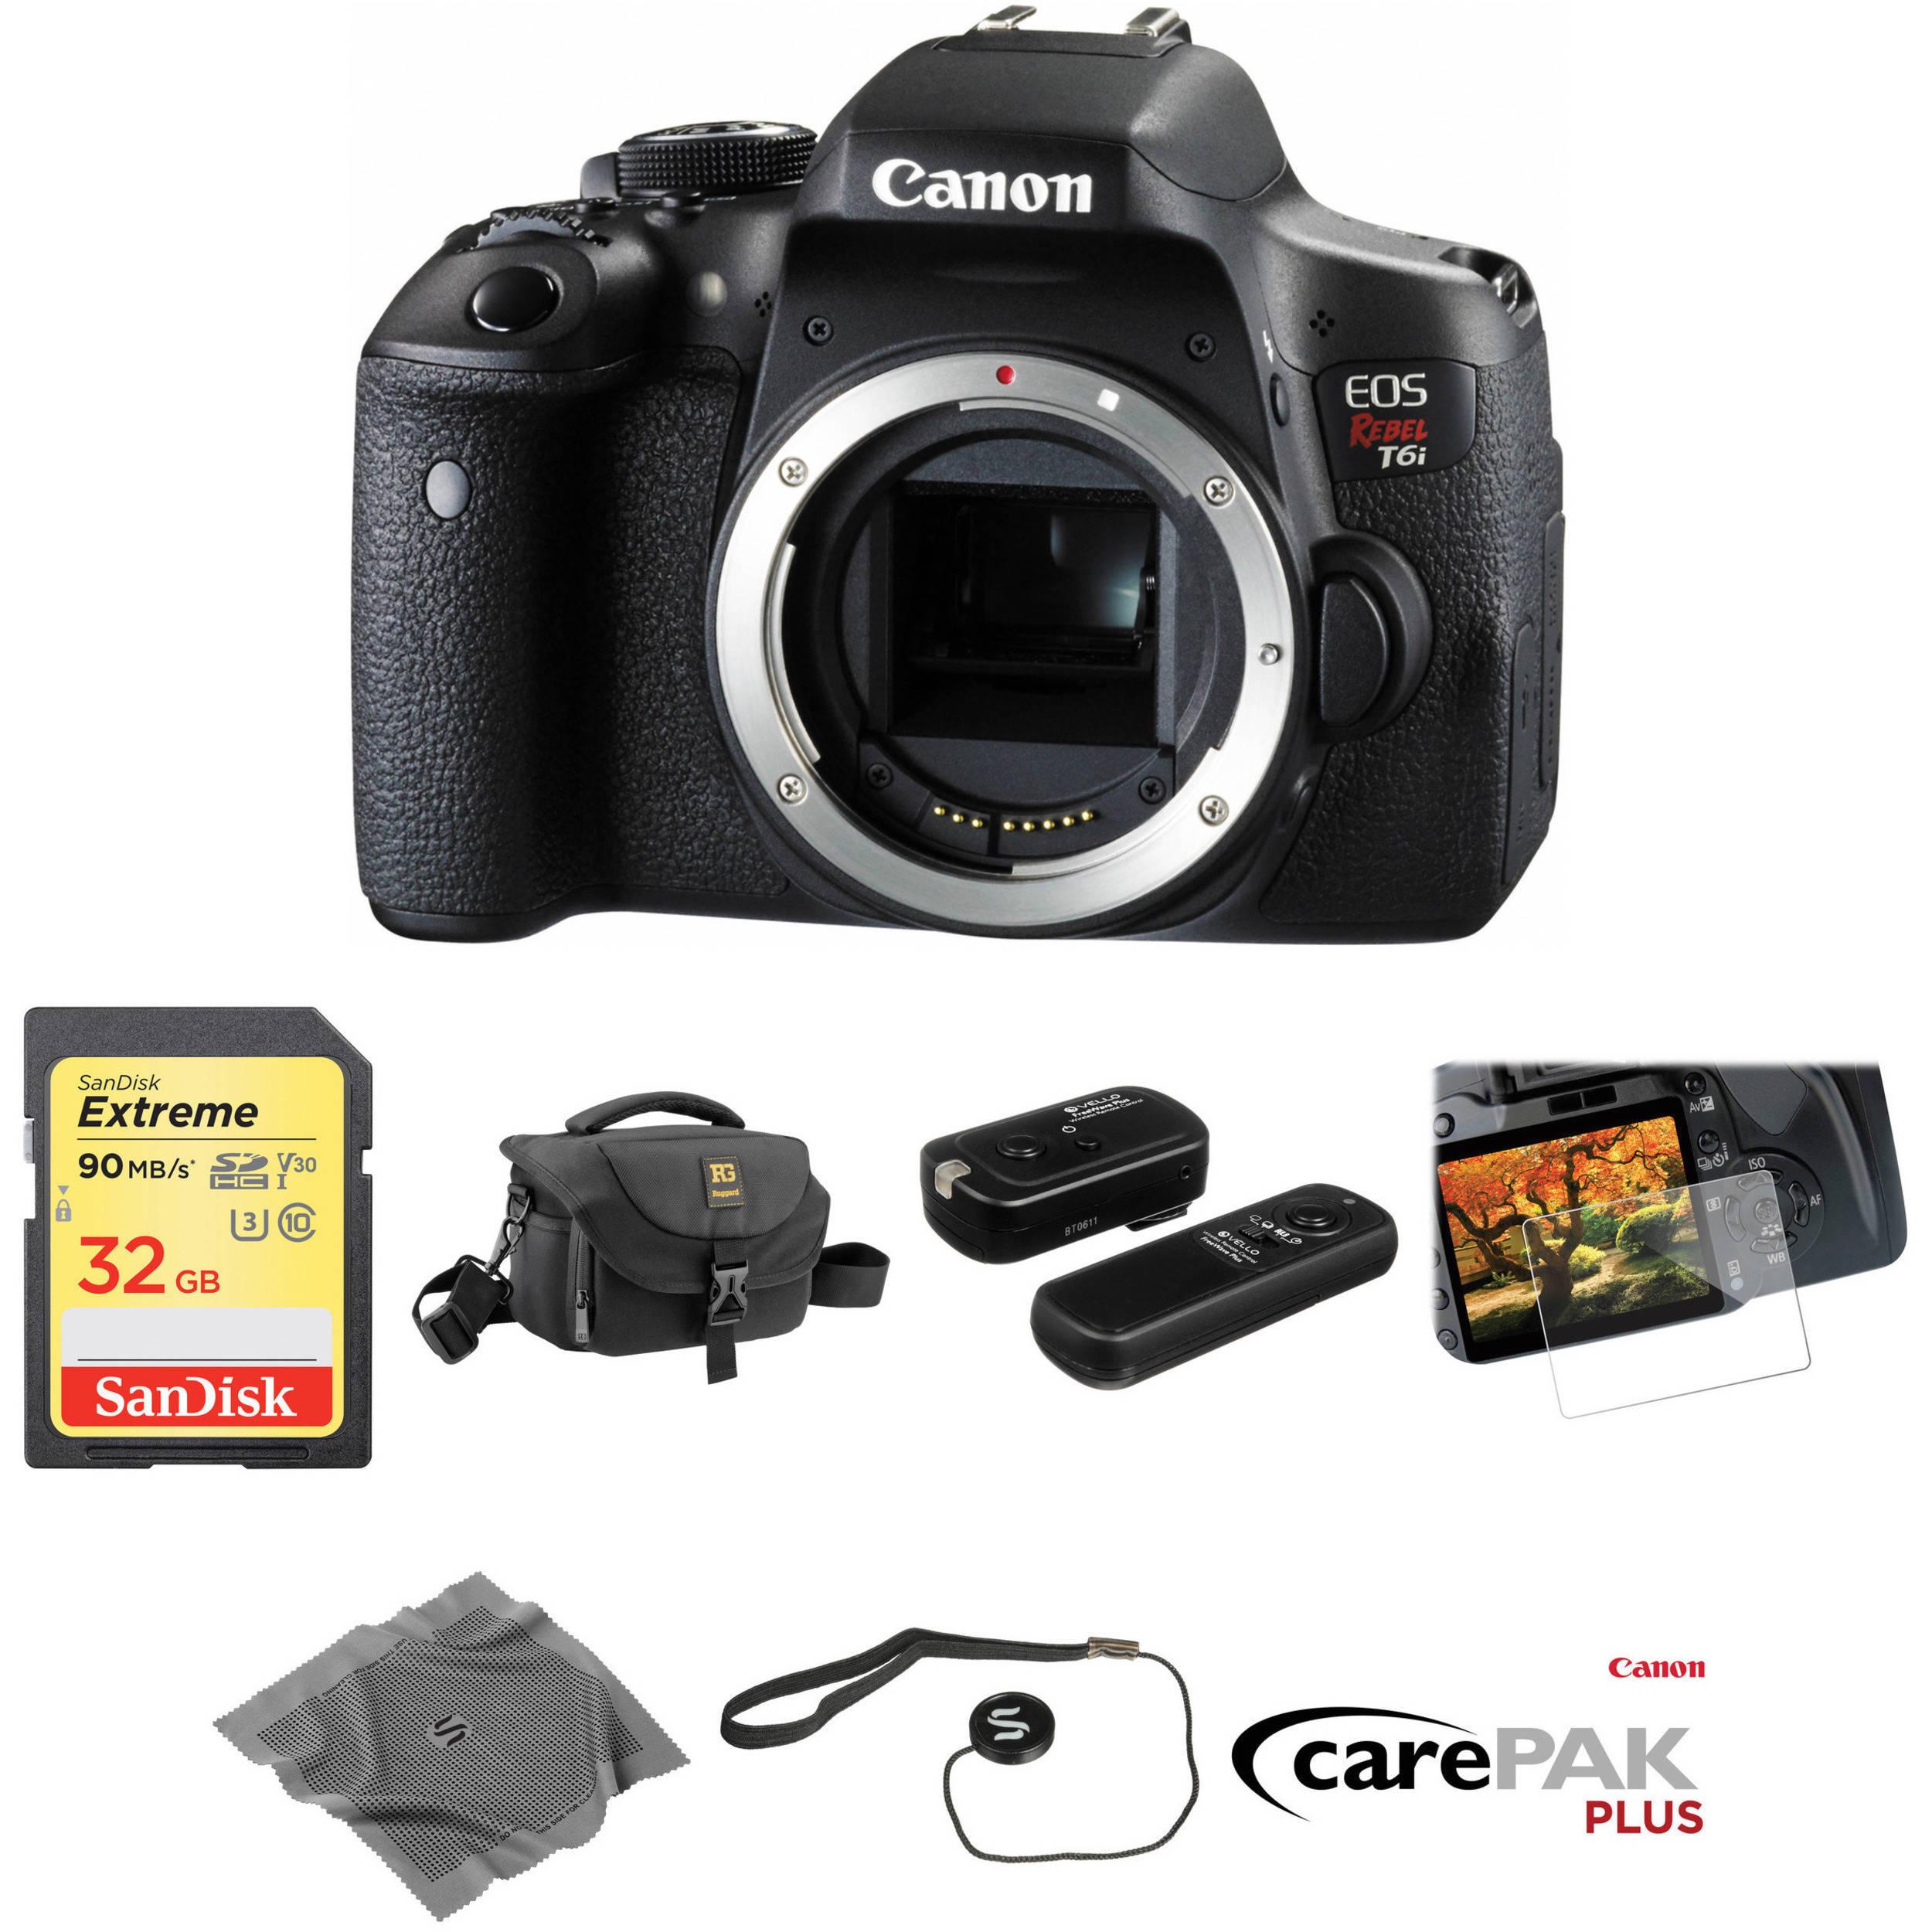 Canon EOS Rebel T6i DSLR Camera Body Deluxe Kit